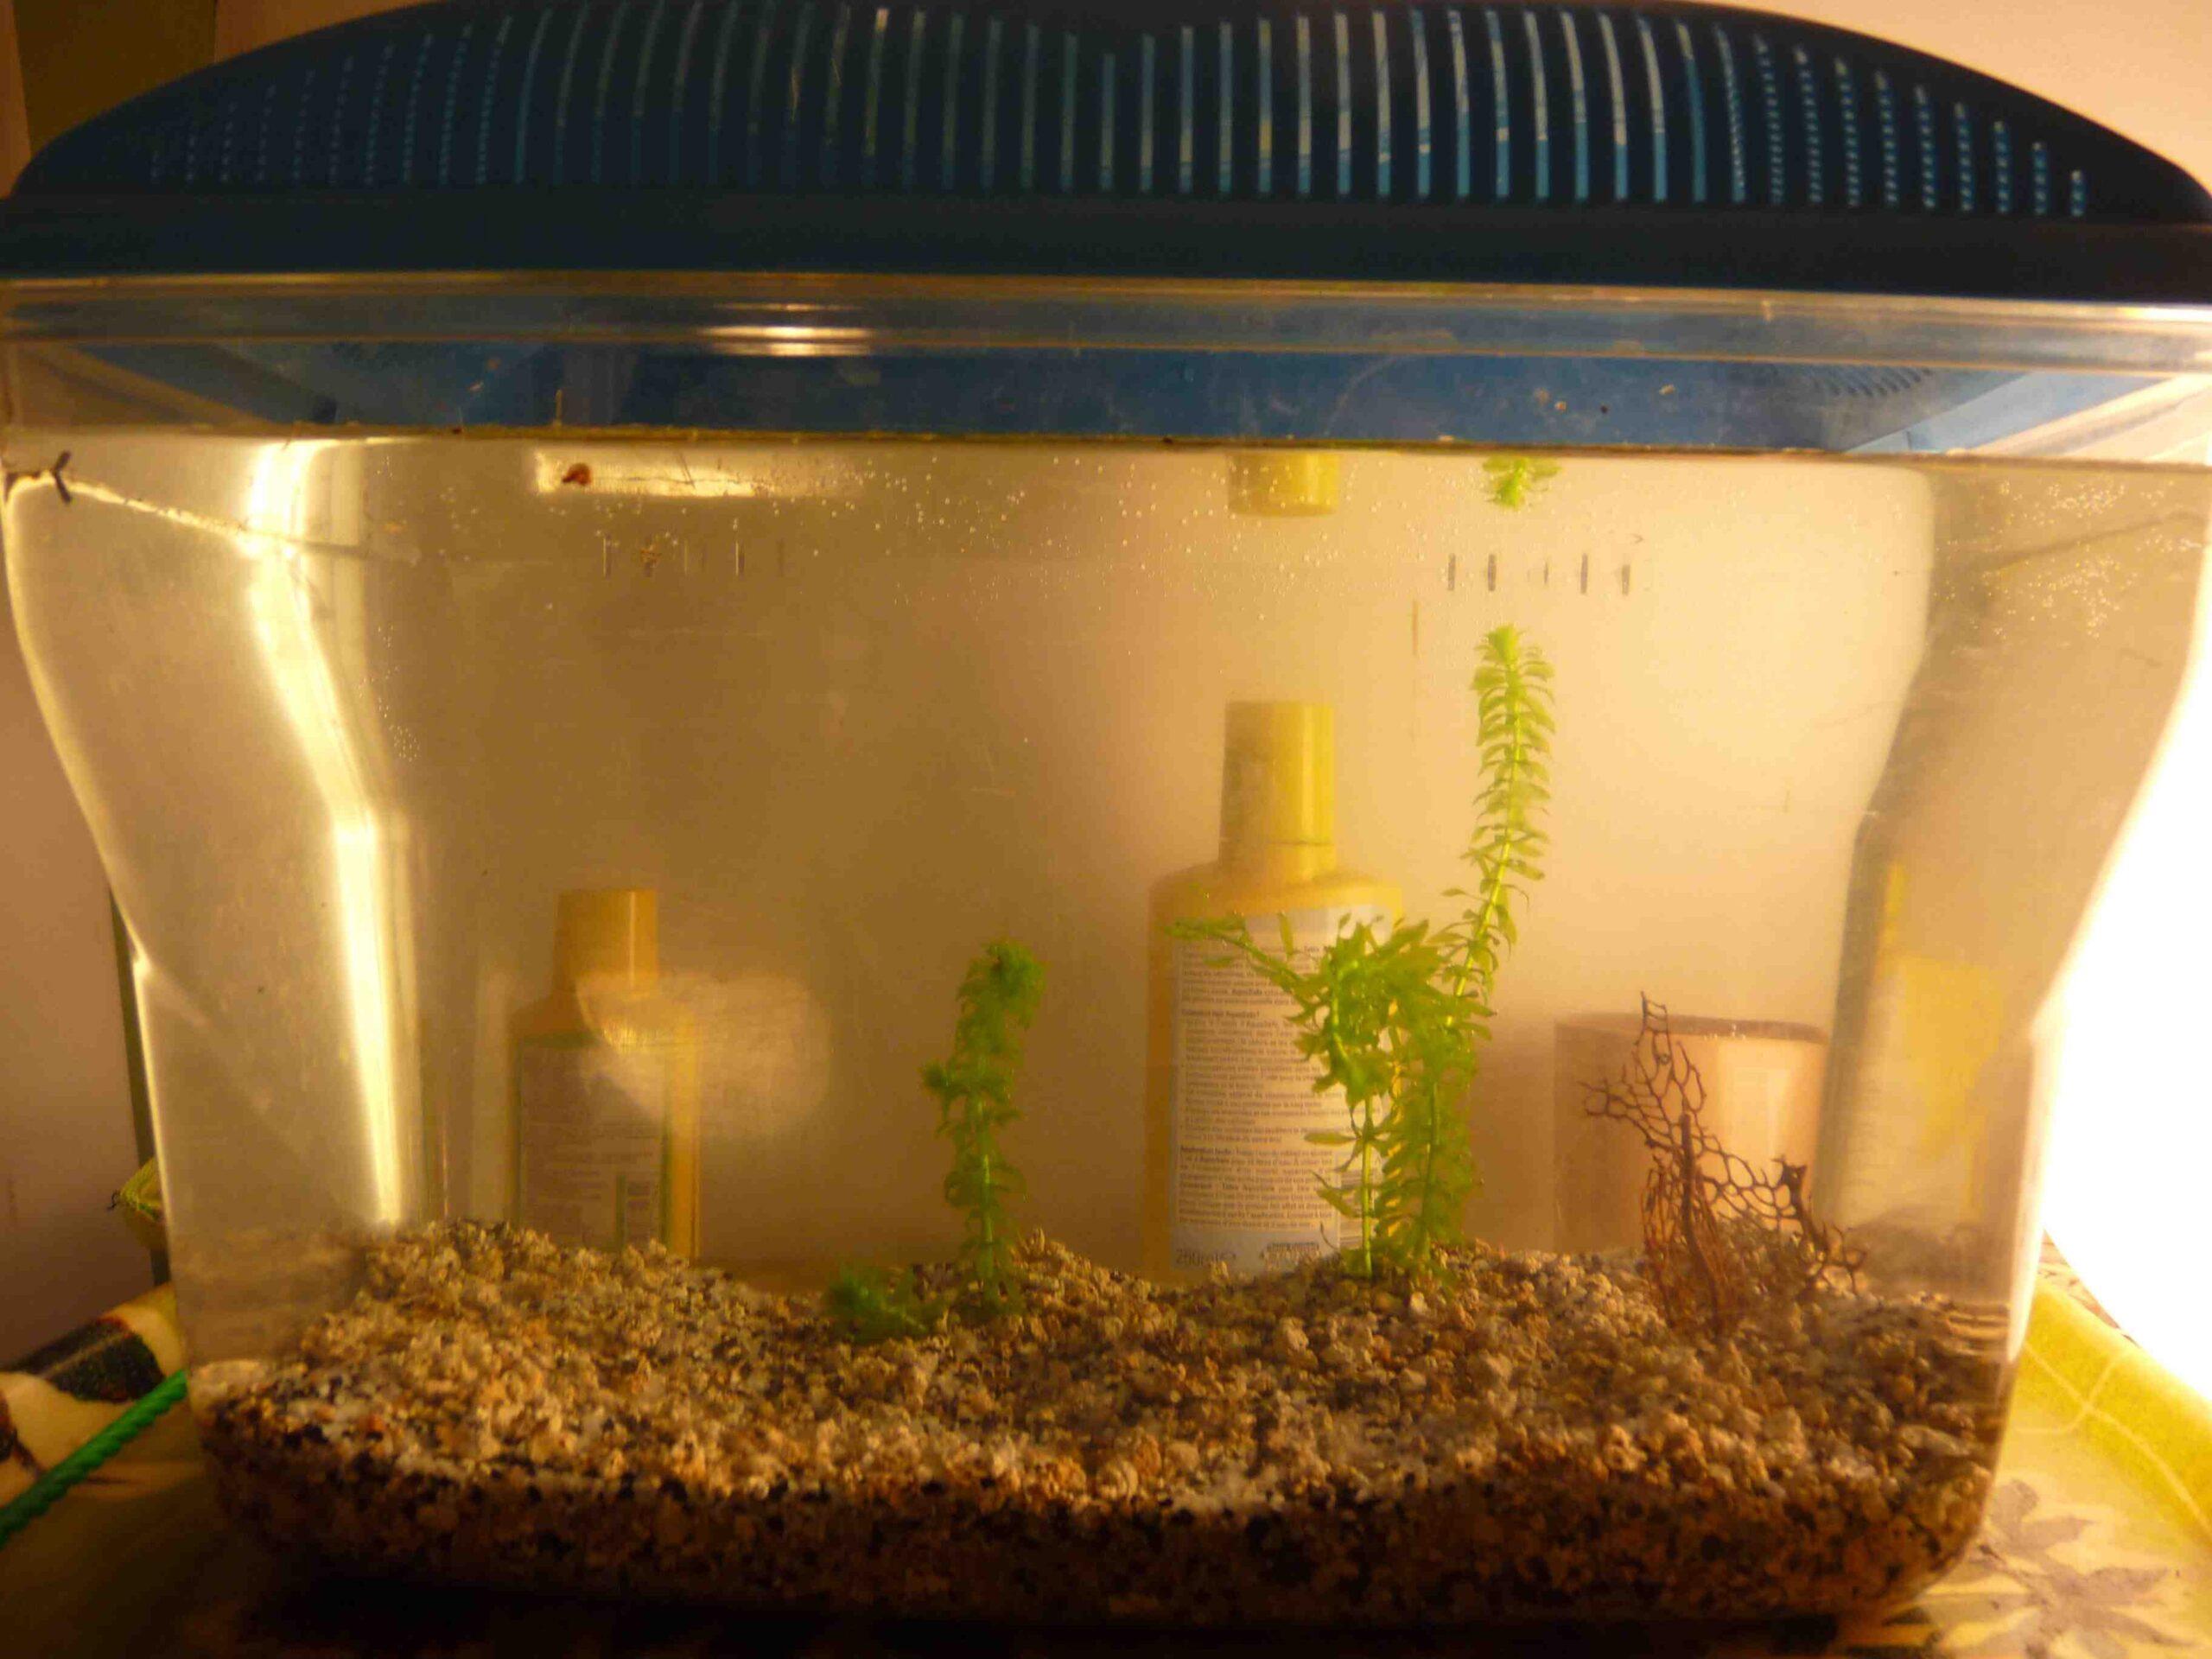 Quel poisson pour l'aquarium de 35l?